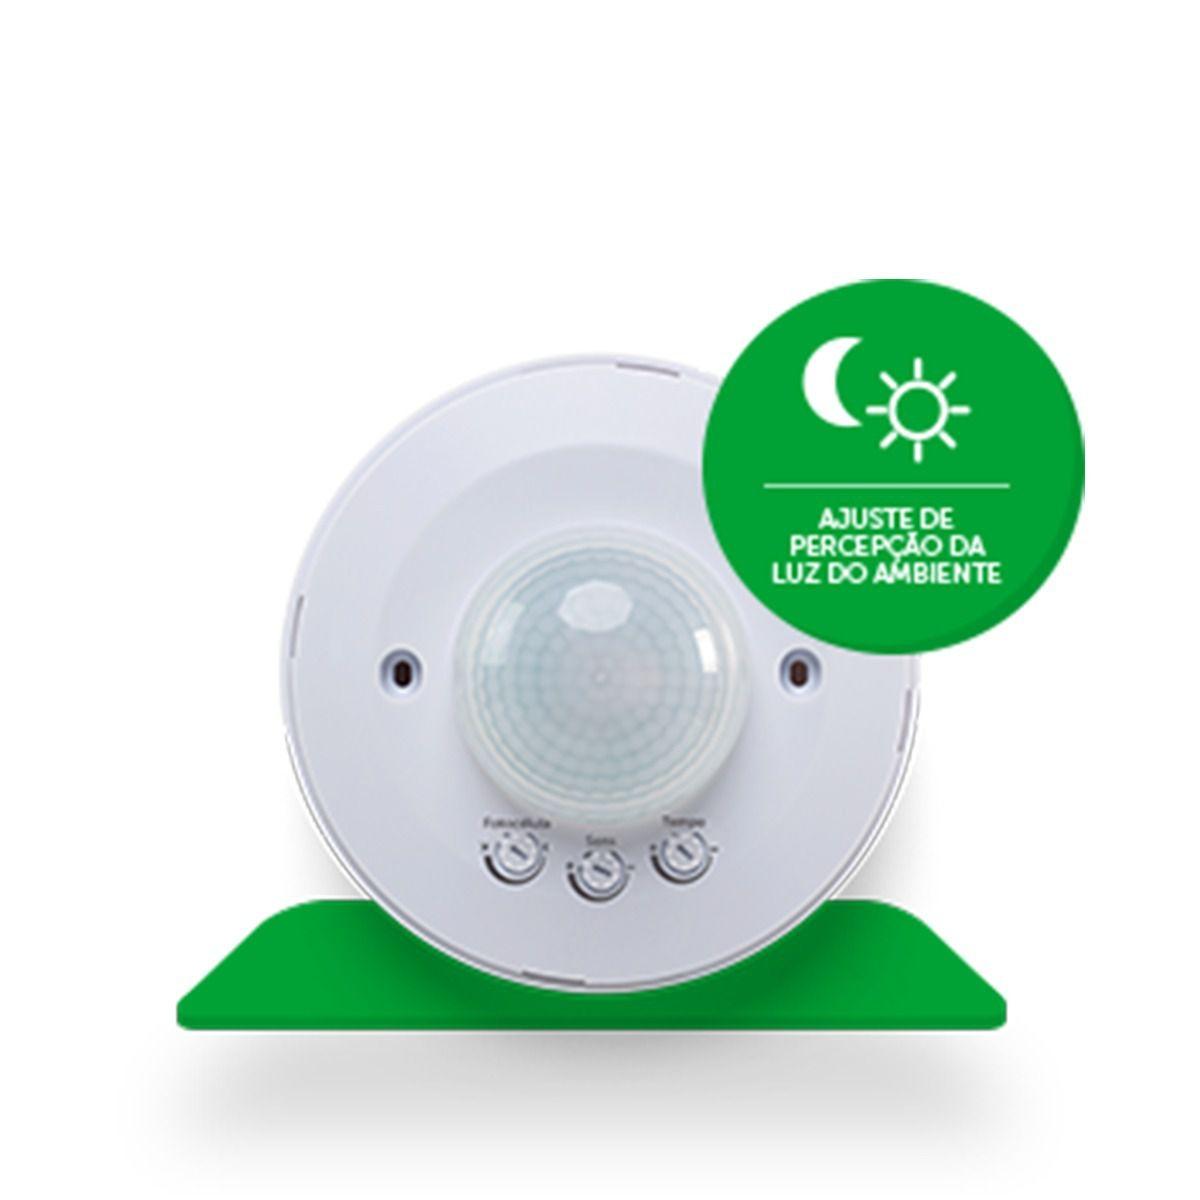 Sensor de presença para iluminação fotocélula 18mts 360° intelbras ESP 360 + - JS Soluções em Segurança